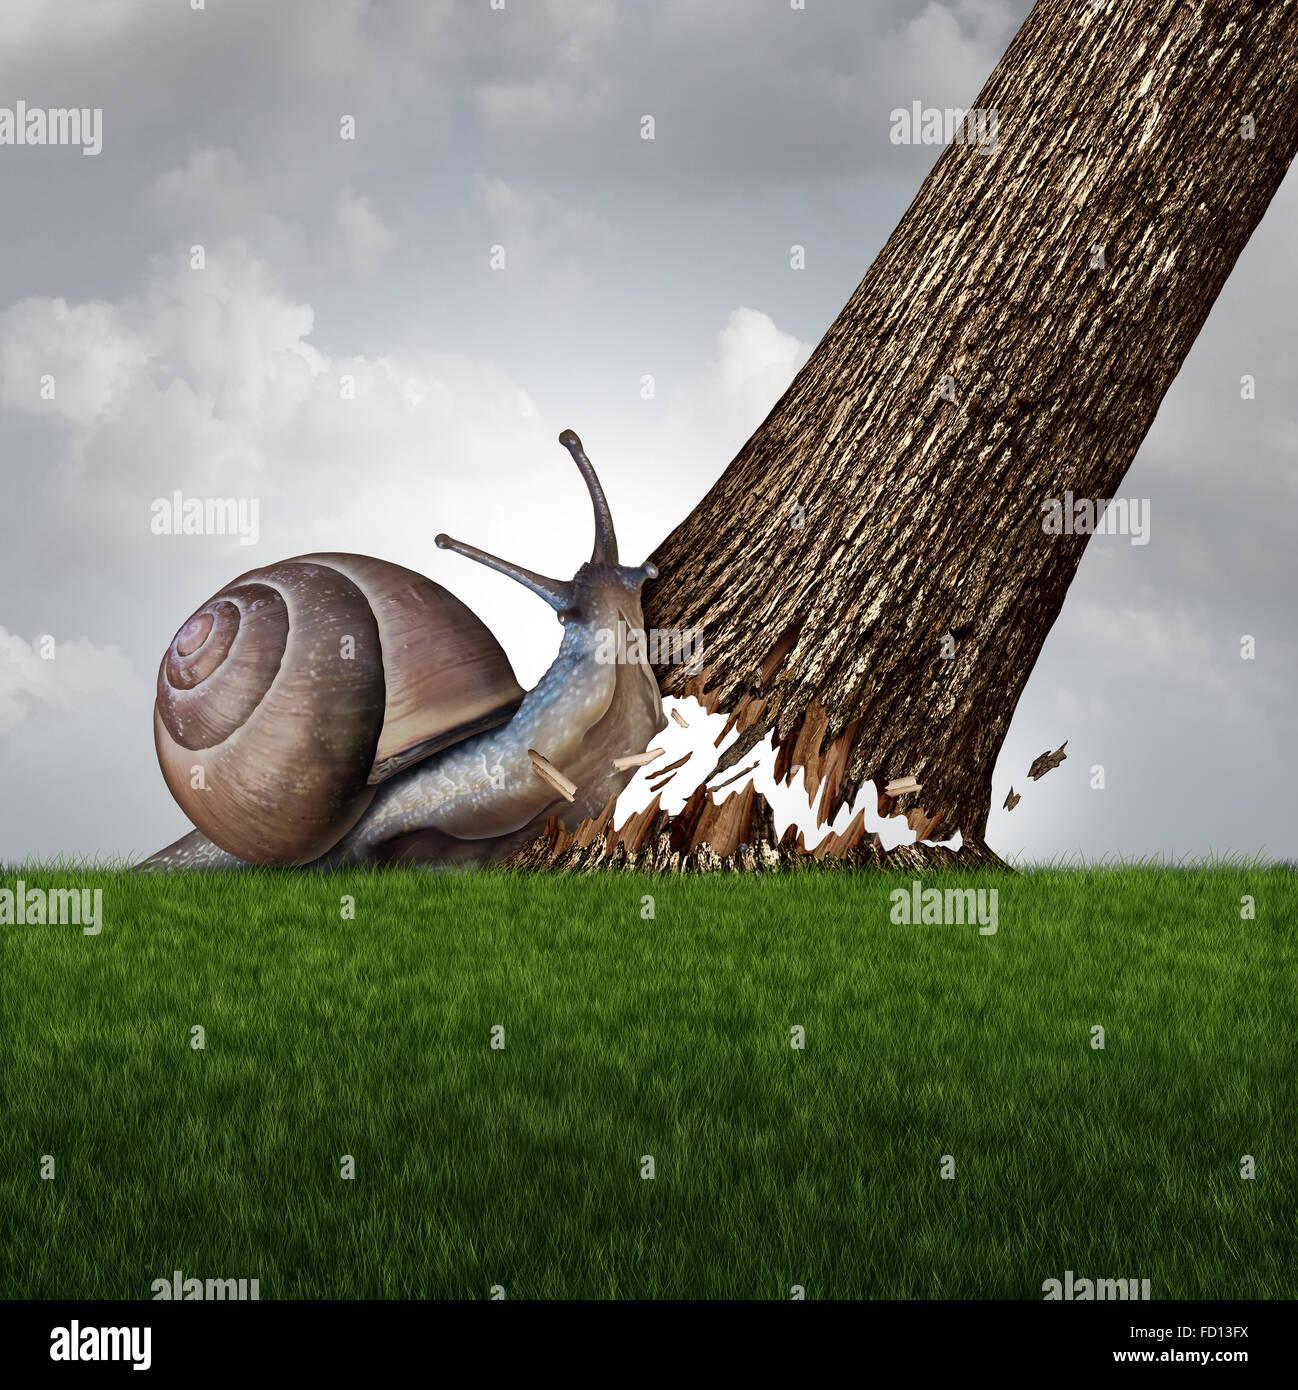 Concept de force comme un escargot en poussant un grand tronc d'arbre comme une métaphore pour la réussite Photo Stock